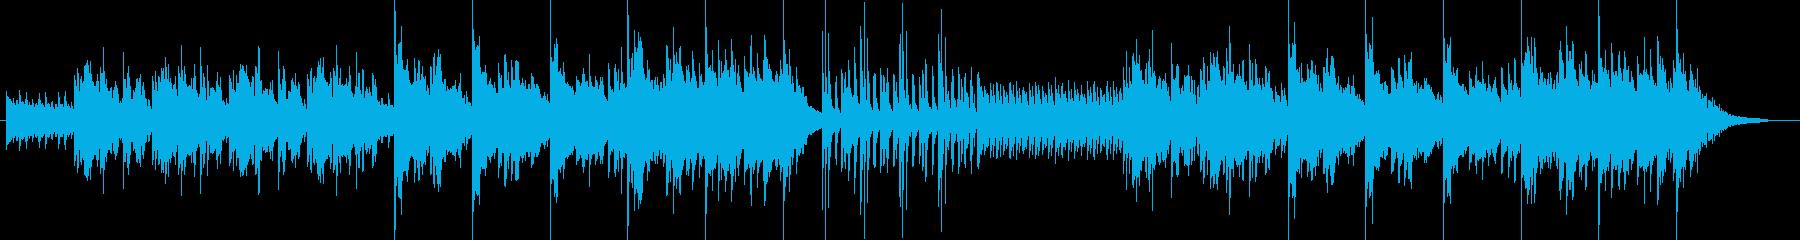 瞑想に、アジアンテイストのゆったりした曲の再生済みの波形